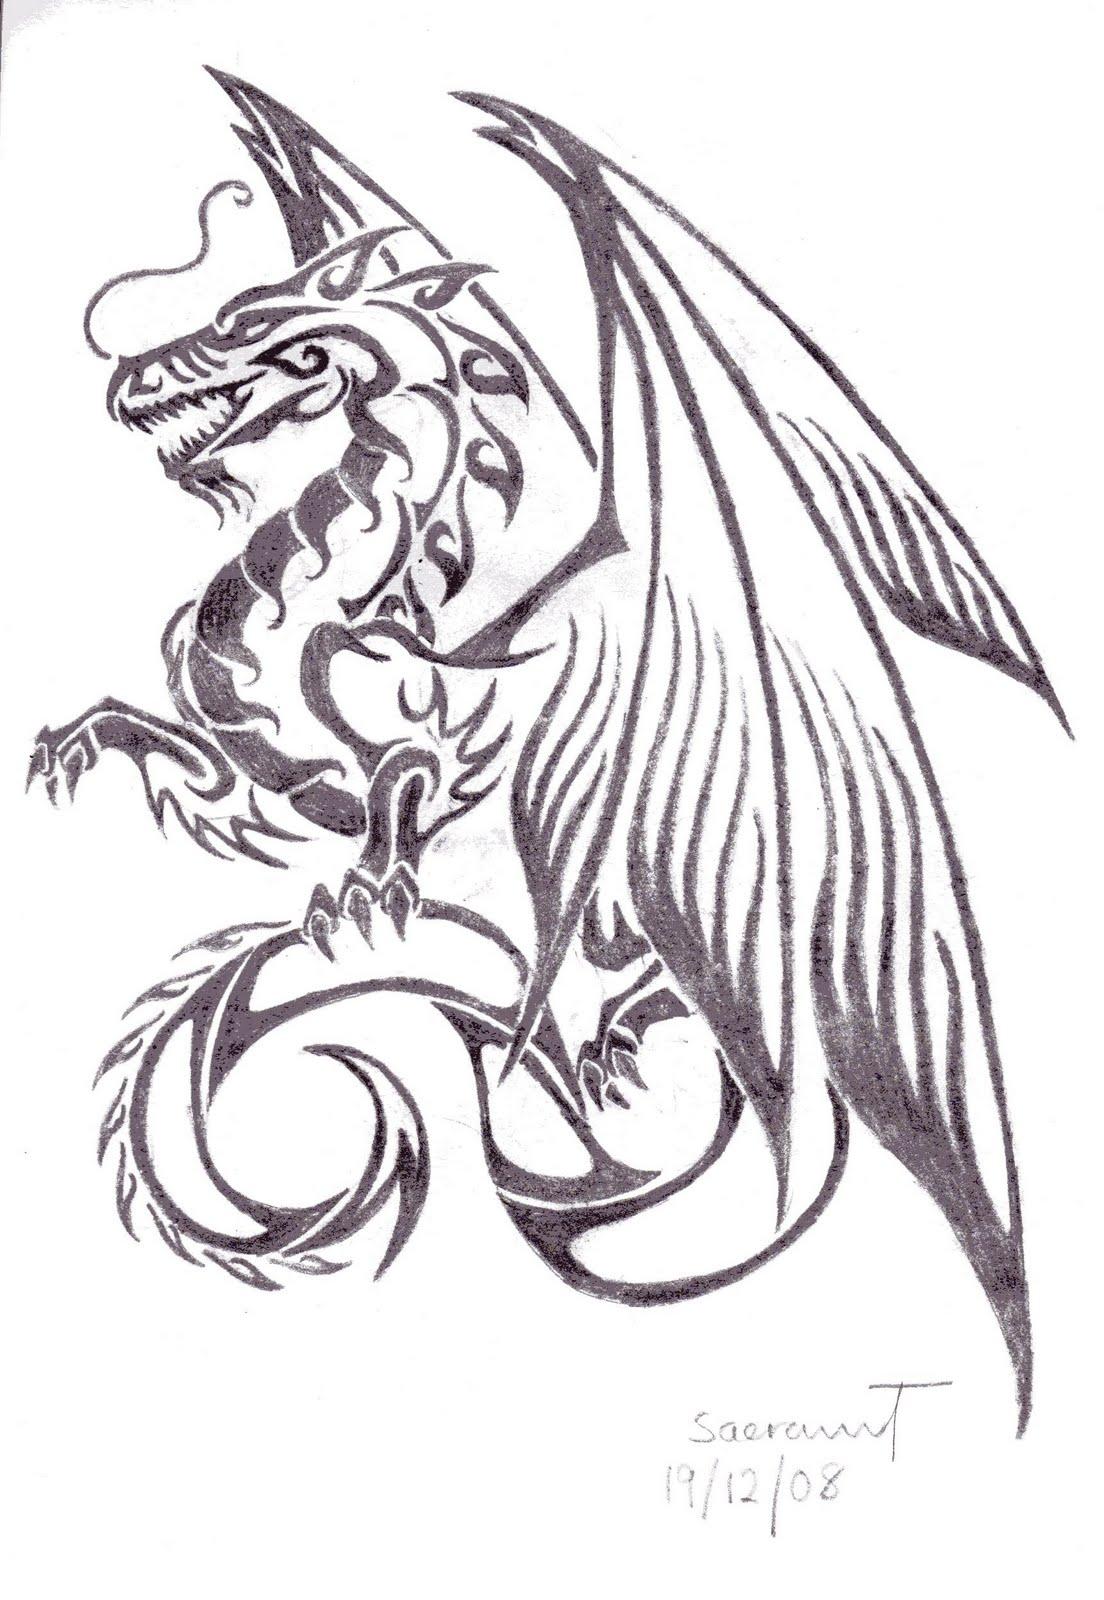 http://4.bp.blogspot.com/-7nDOr1NEwBo/Tl0DgEuOveI/AAAAAAAAJUM/9piWkldqTjM/s1600/chinese+dragon+tattoo+y436.jpg